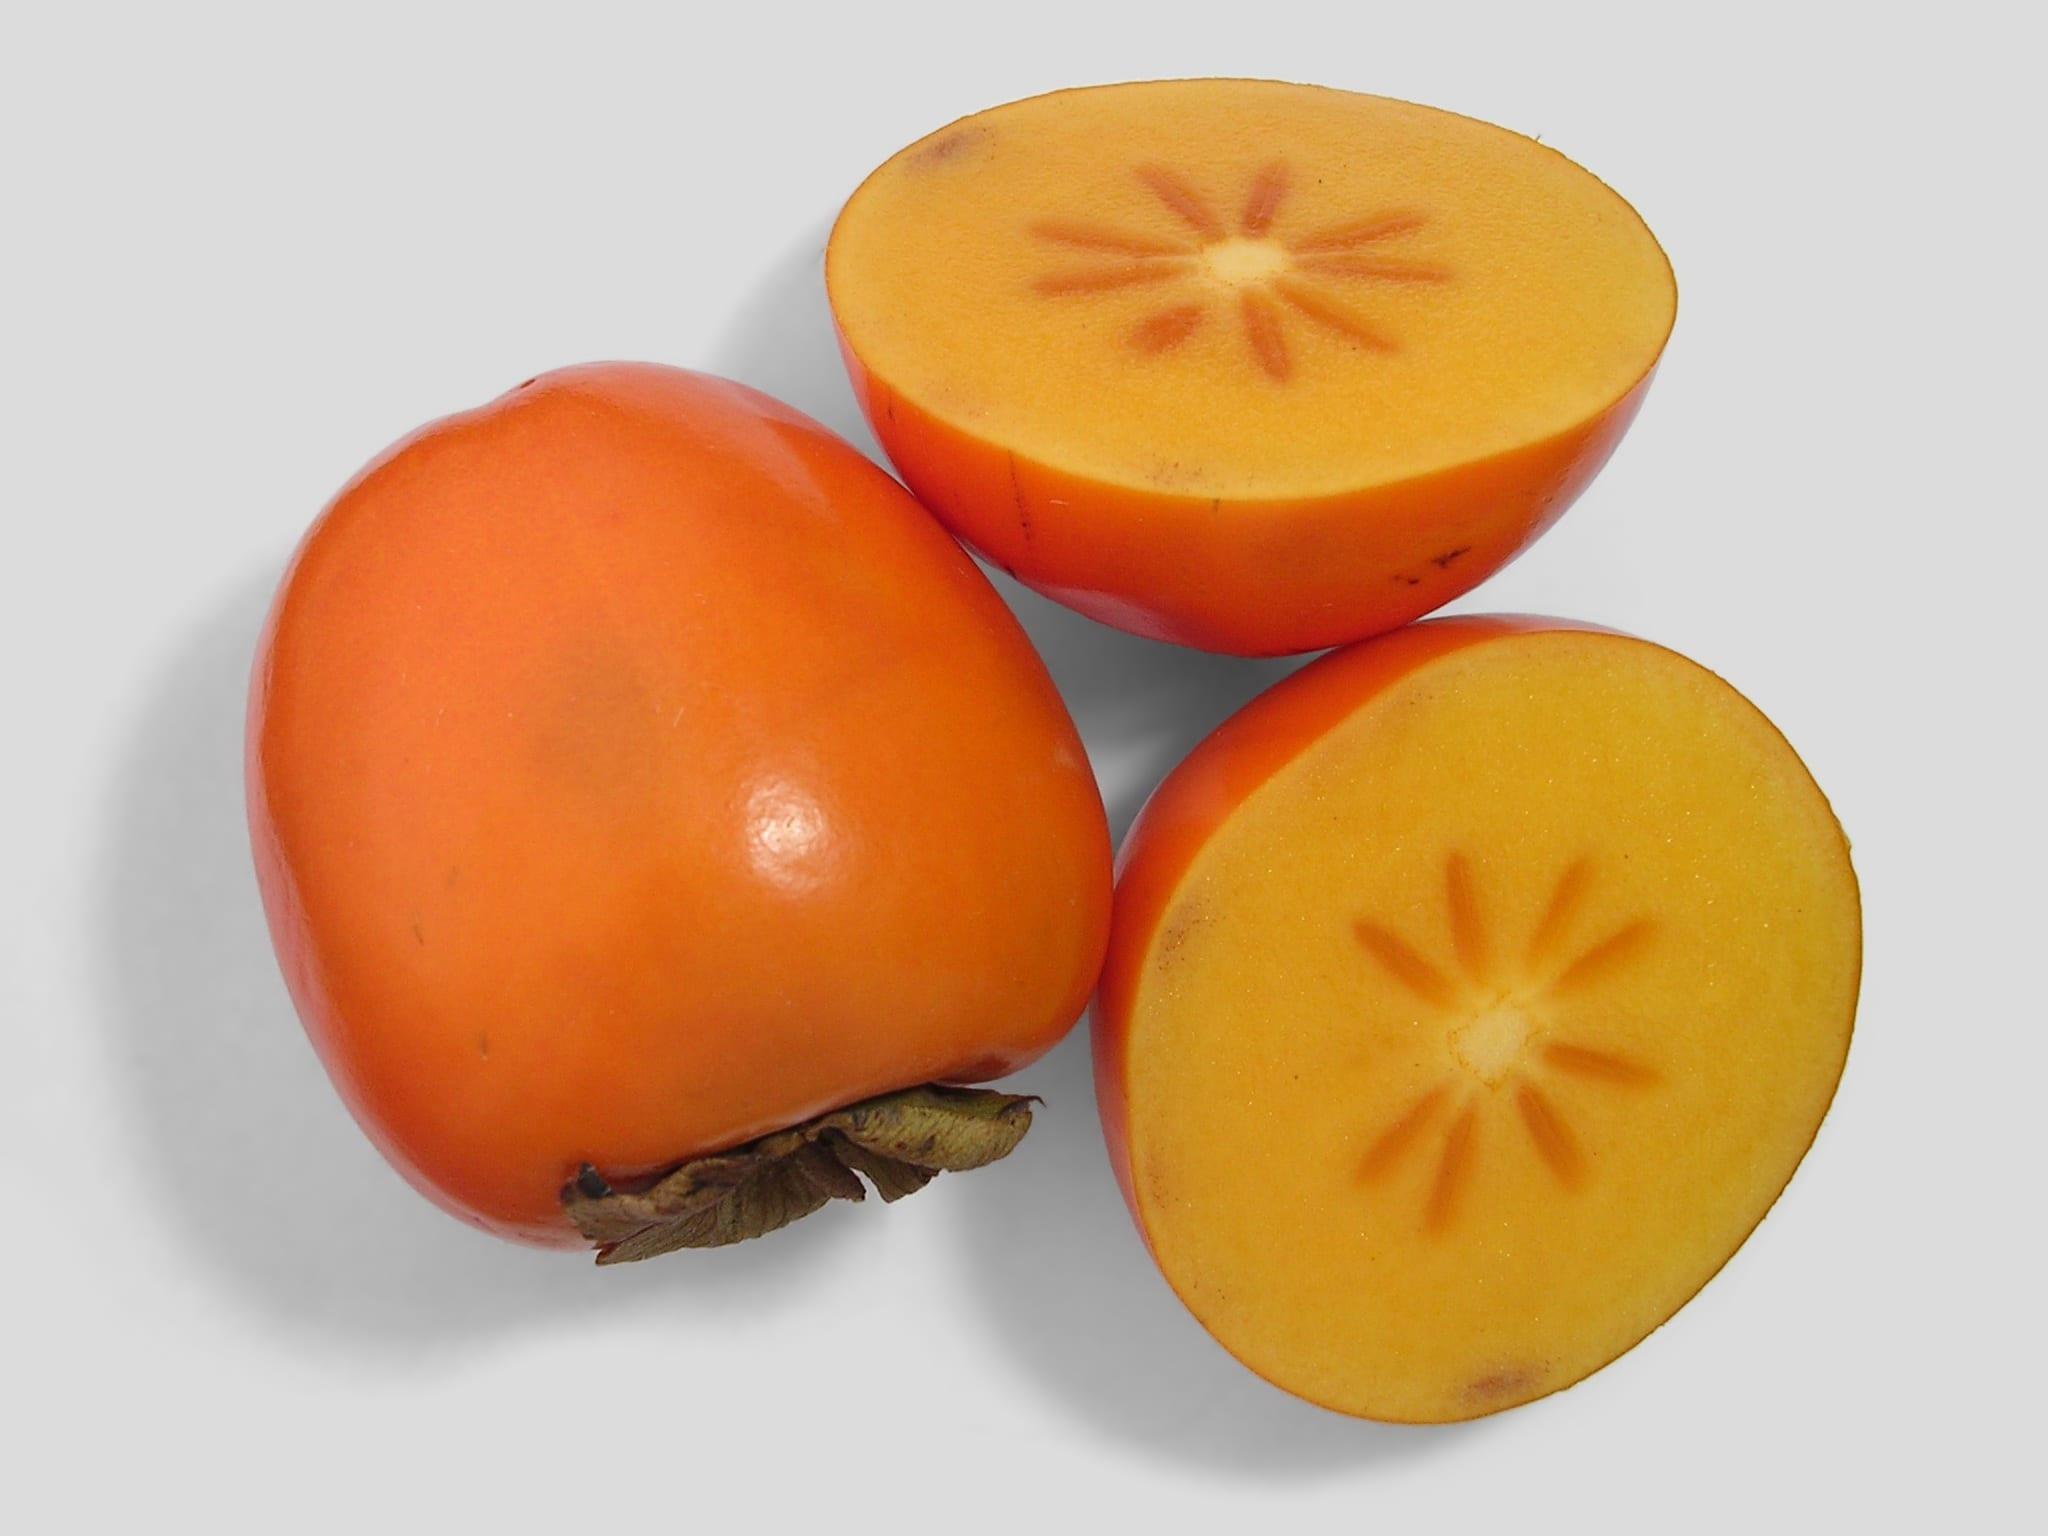 Caqui de la variedad persimmon